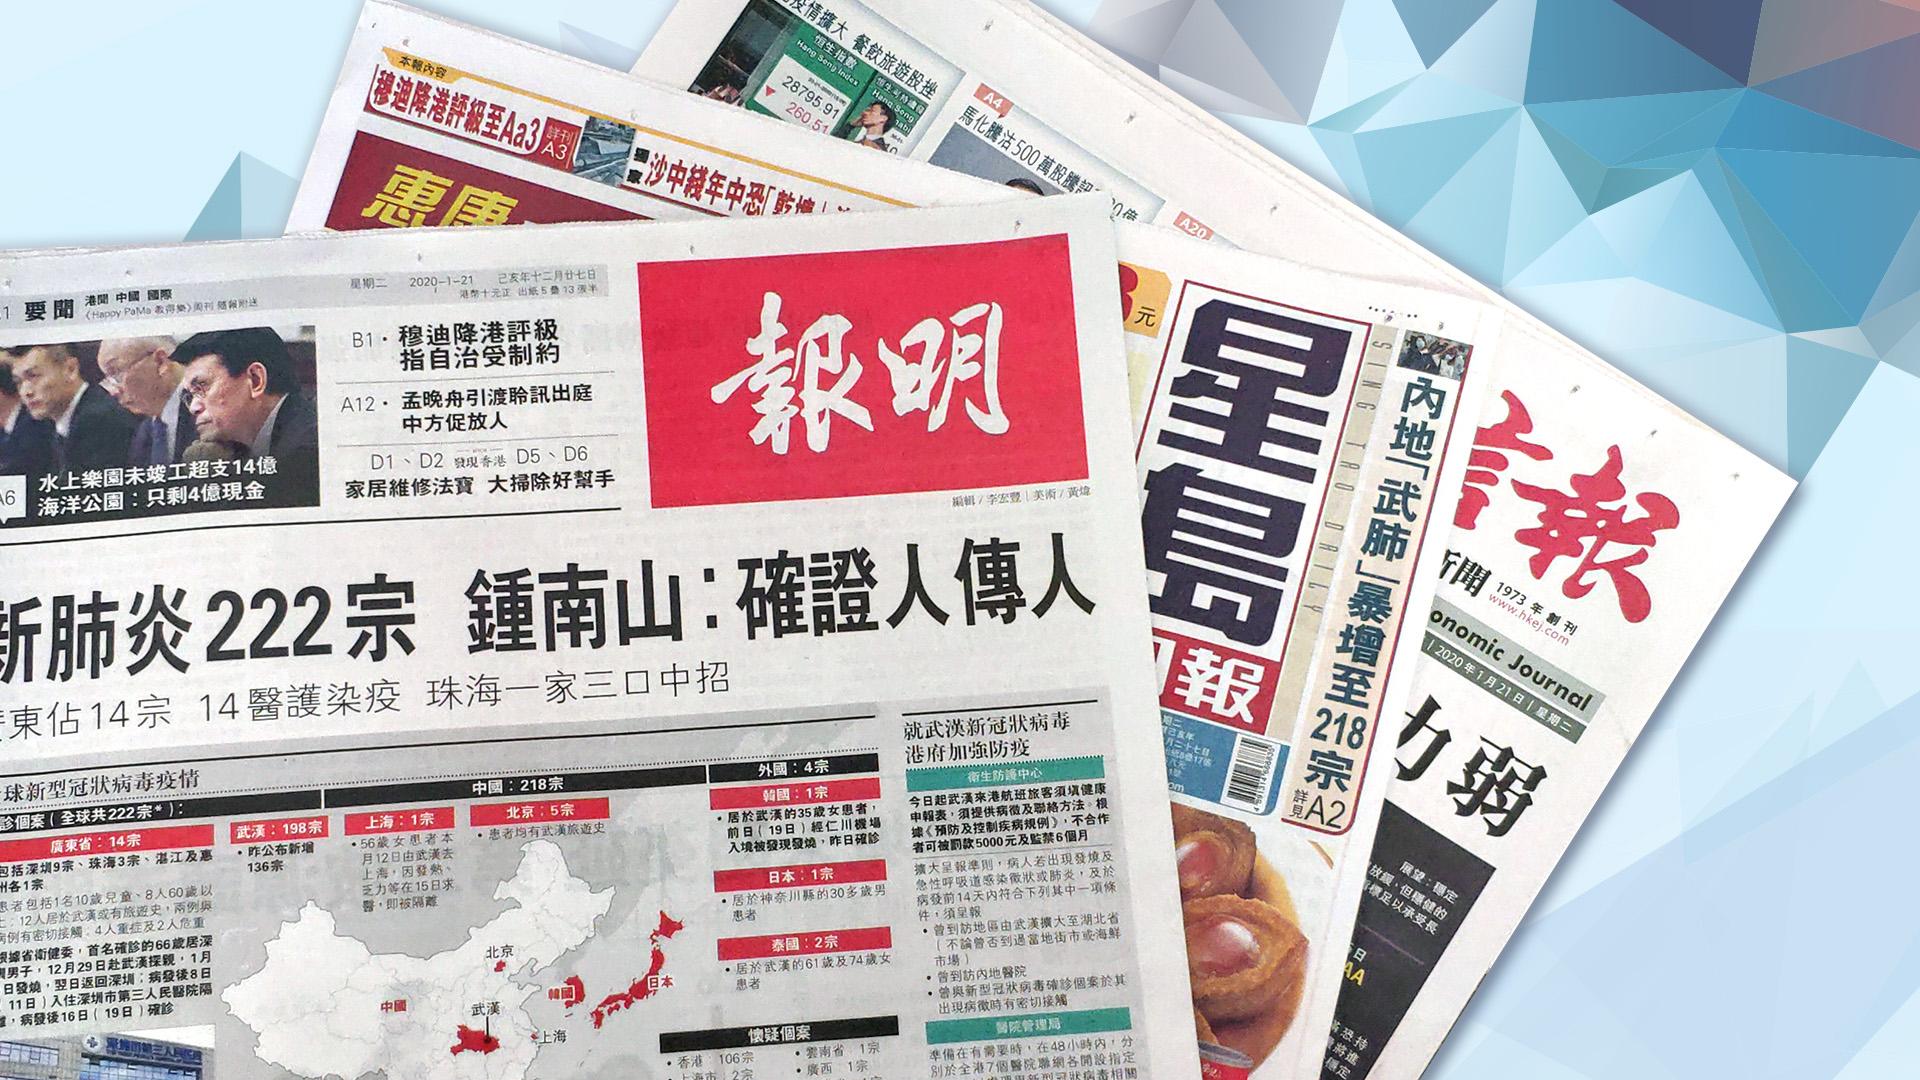 【報章A1速覽】新肺炎222宗 鍾南山:確證人傳人;穆迪降香港評級 抨管治力弱